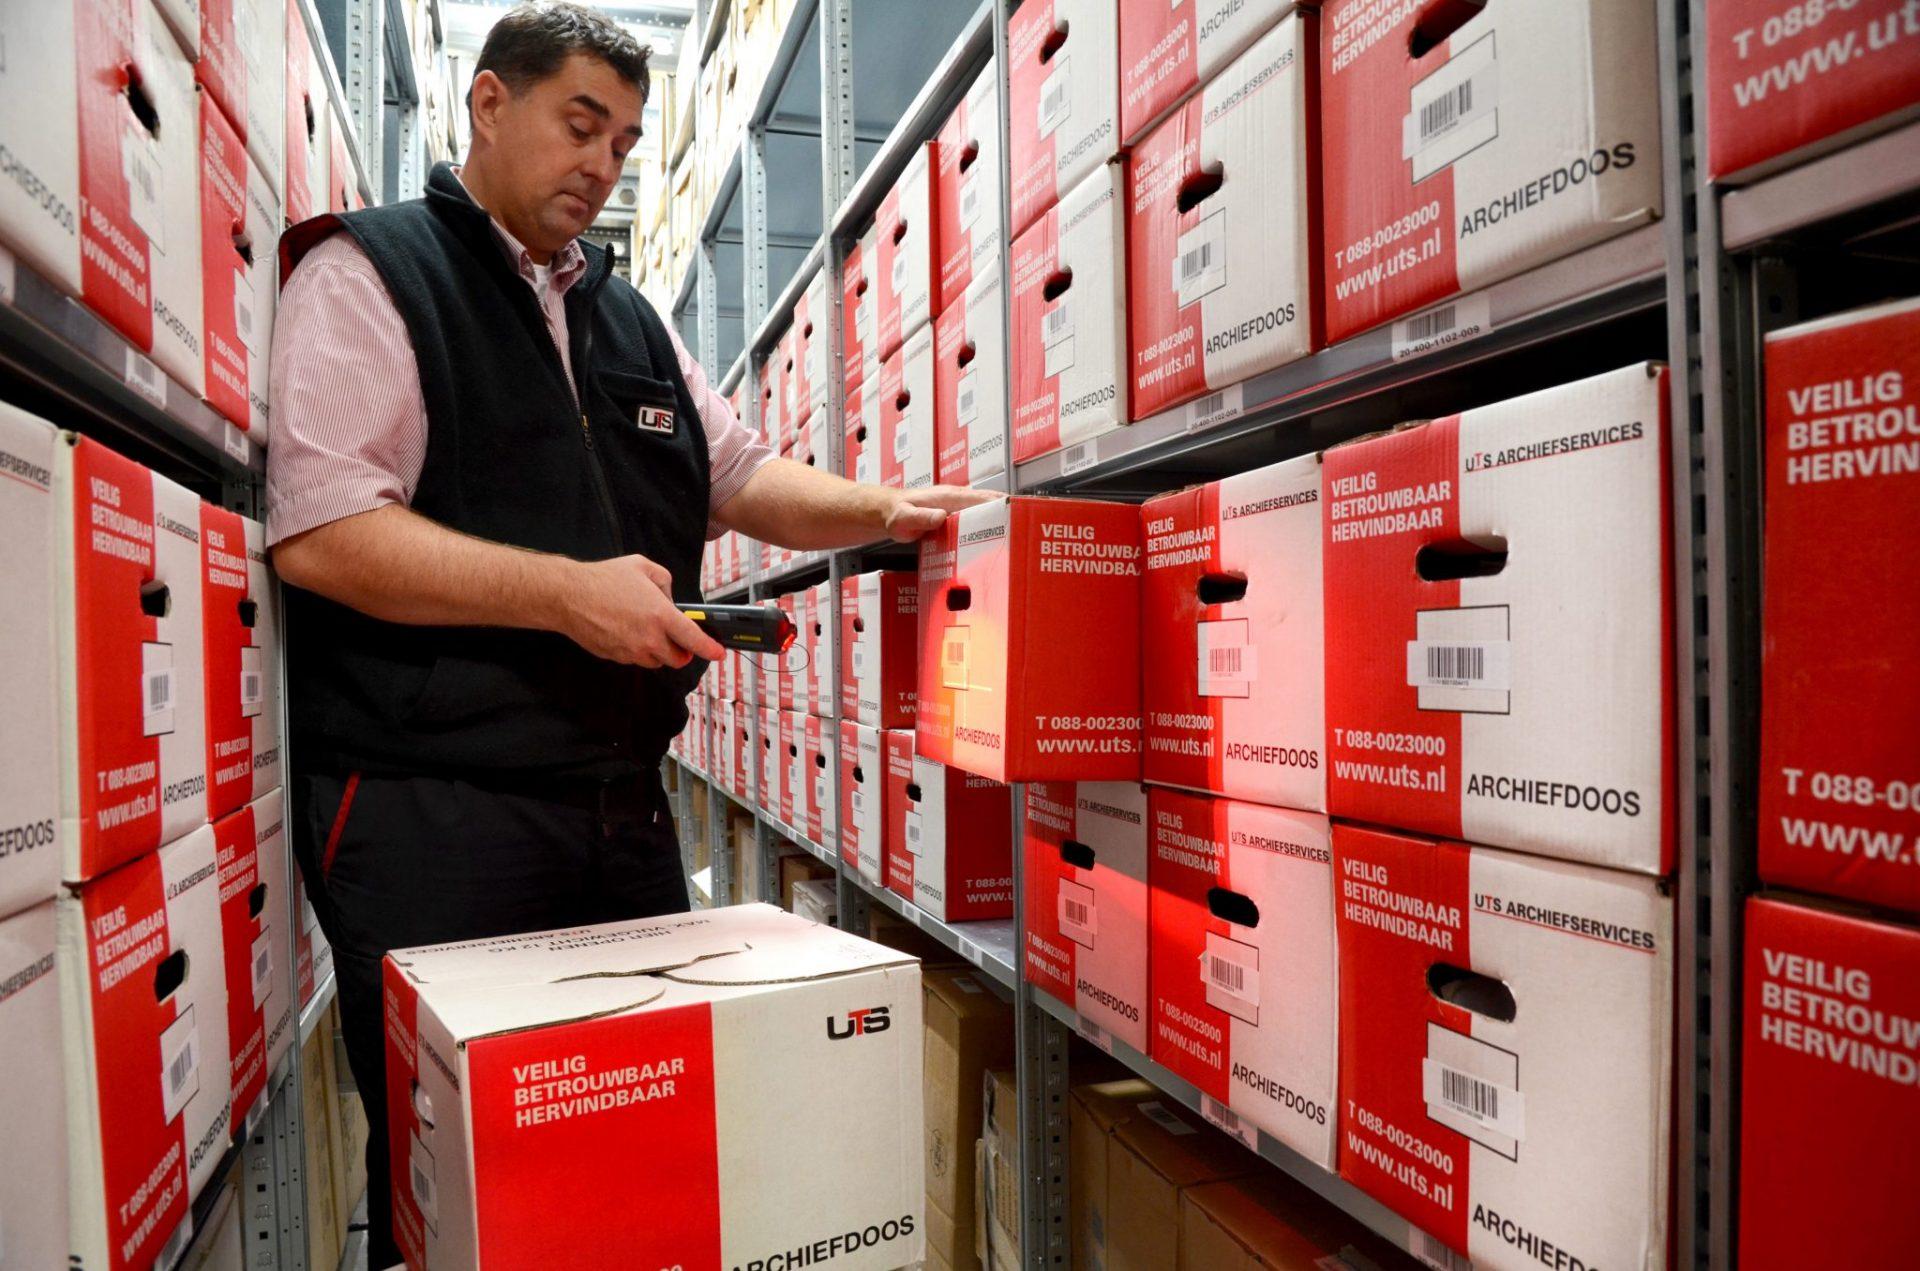 UTS Nederland - archief dozen